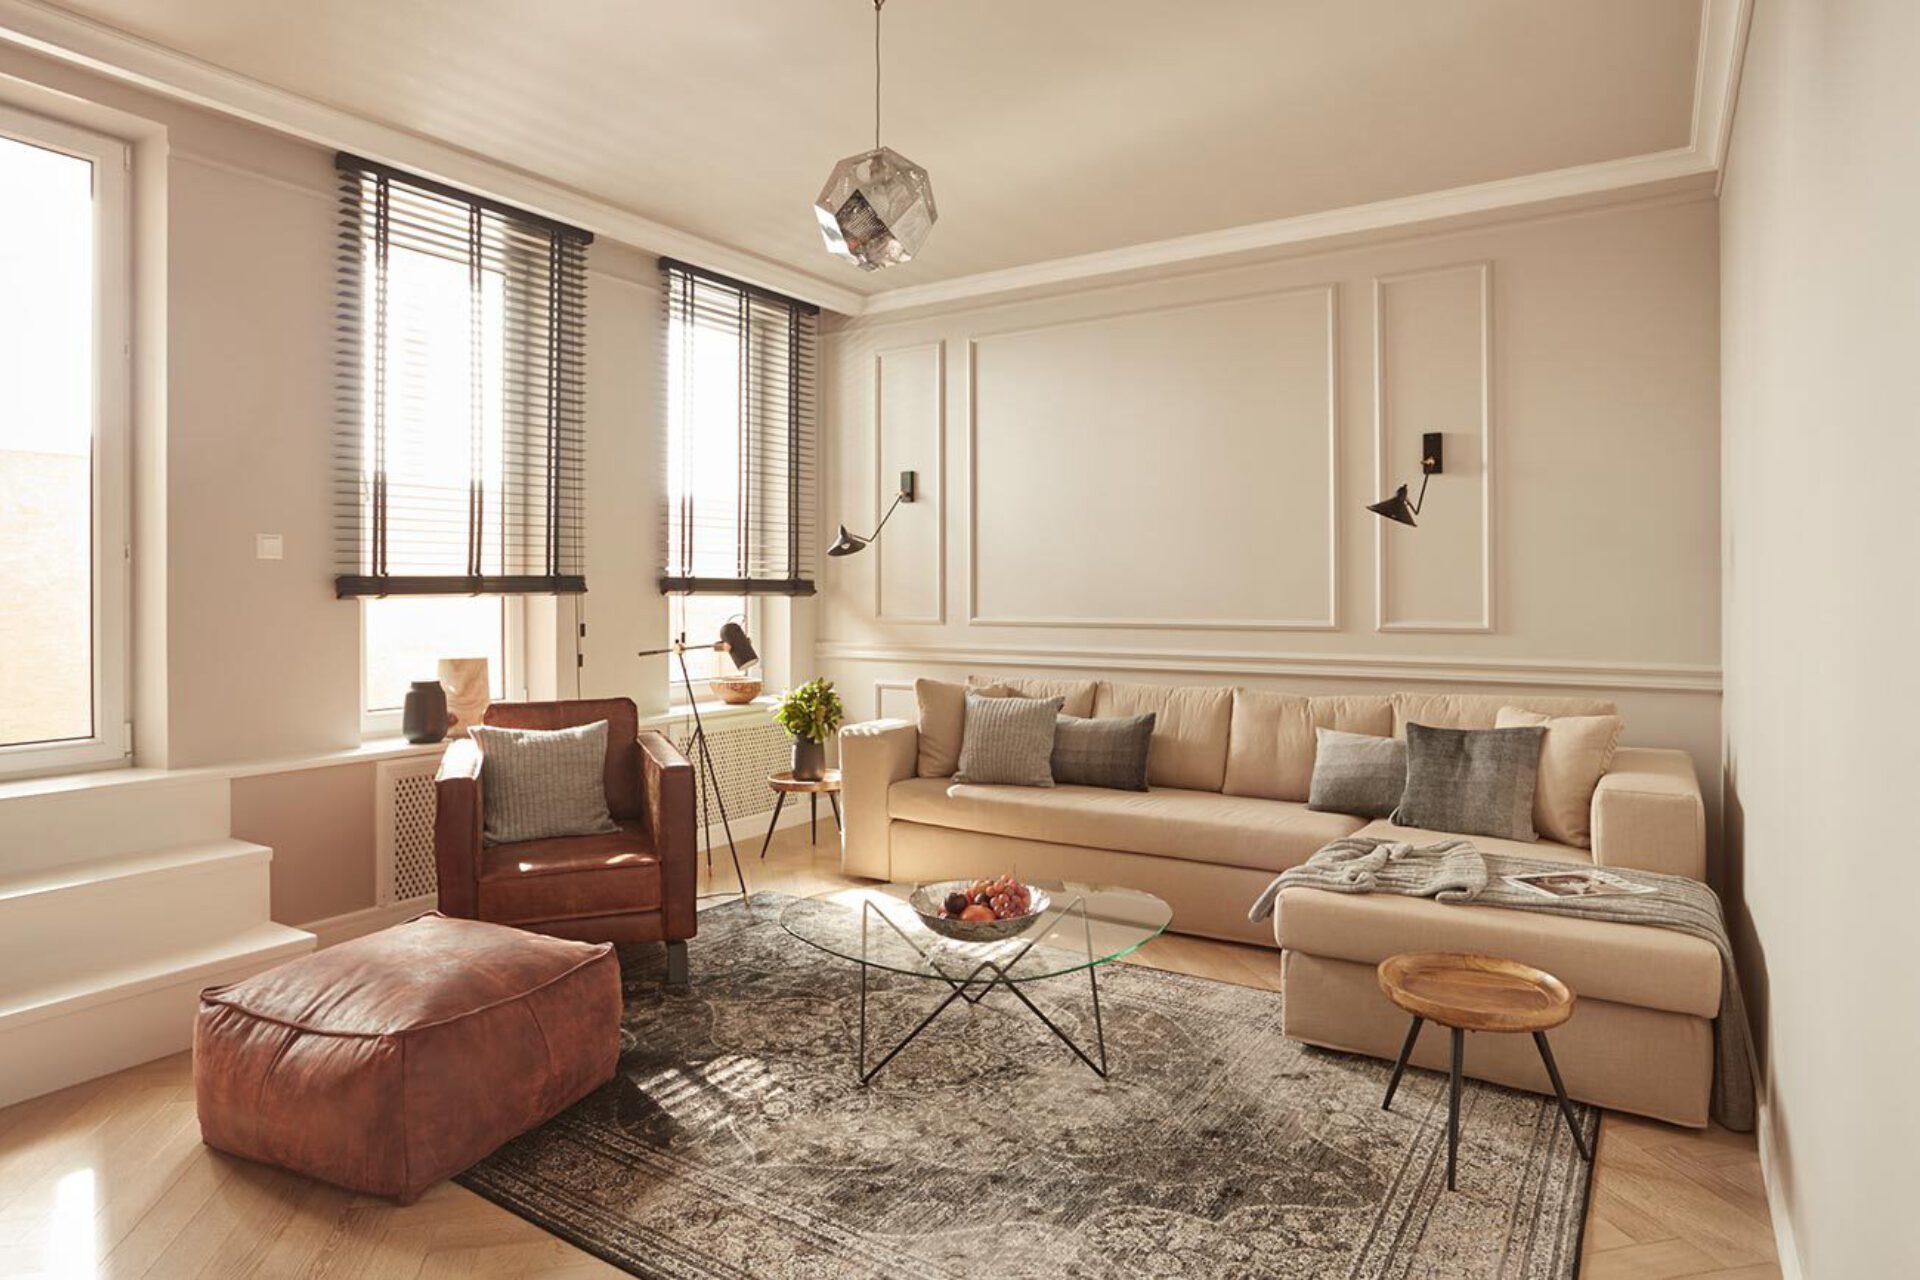 Antonius Schimmelbusch_Apartment Kiew_Ragnar Schmuck_Westwing_10